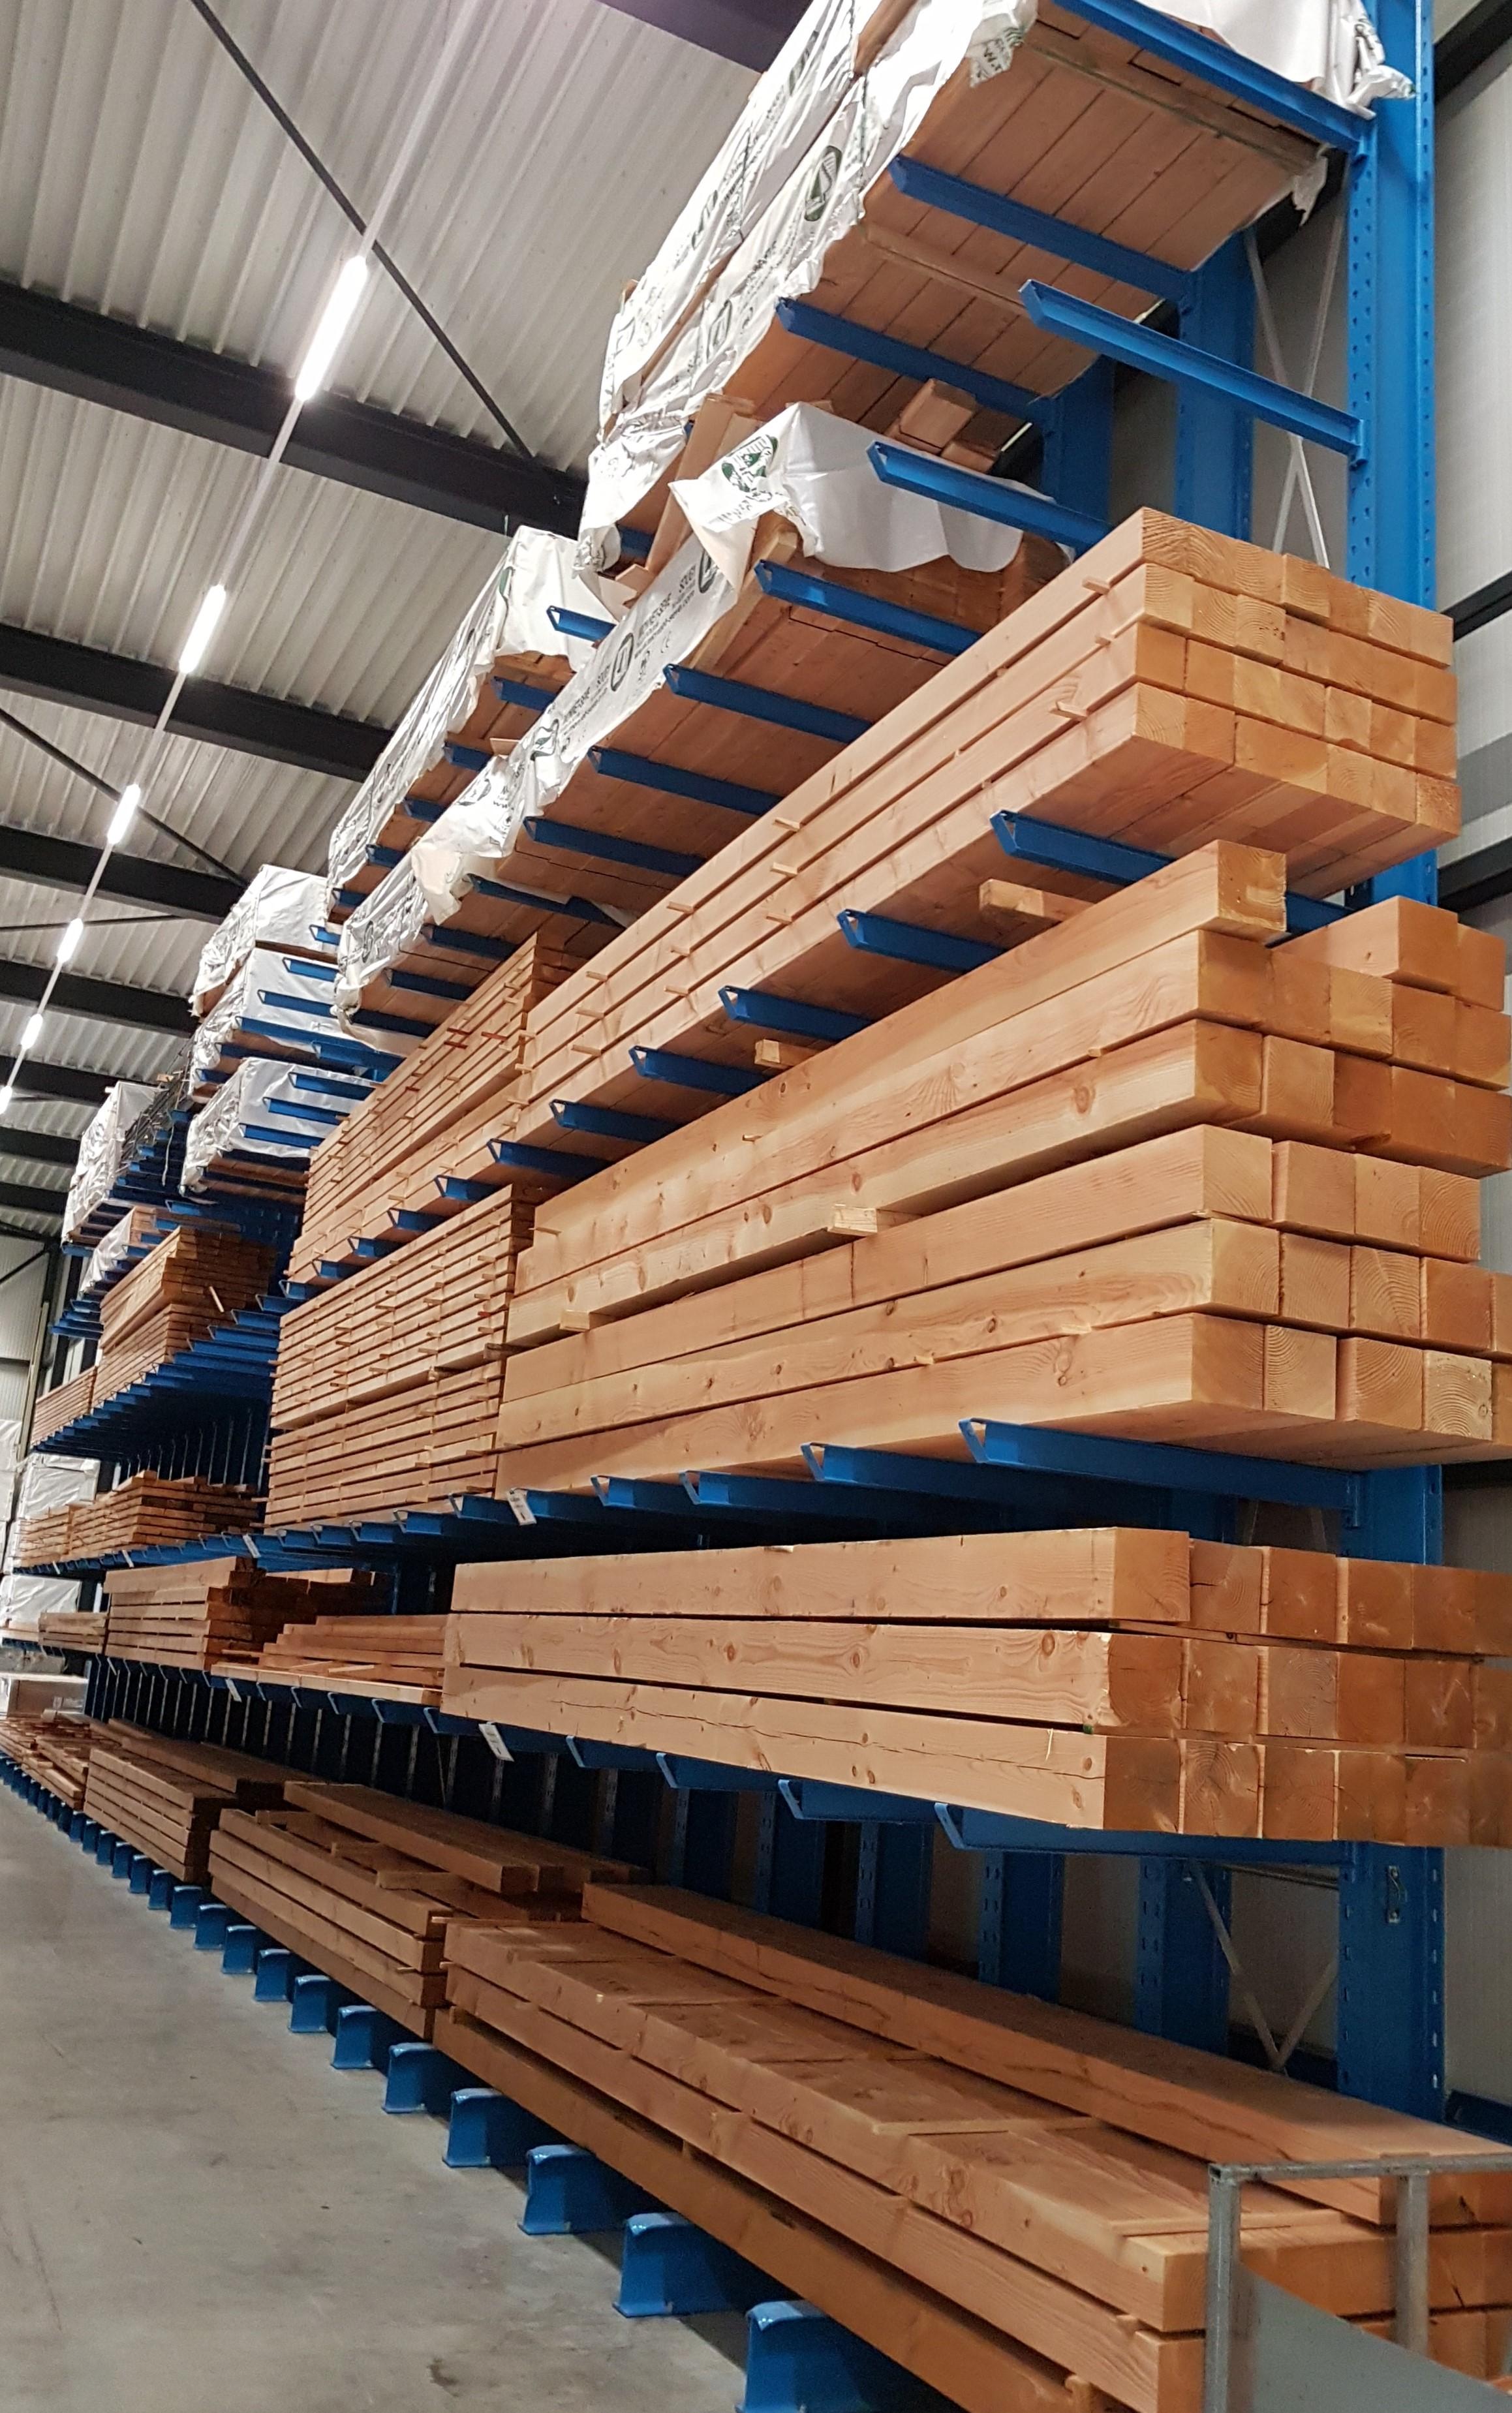 Zware 1. Enkelzijdige zware draagarmstelling te koop voor binnen voor opslag hout